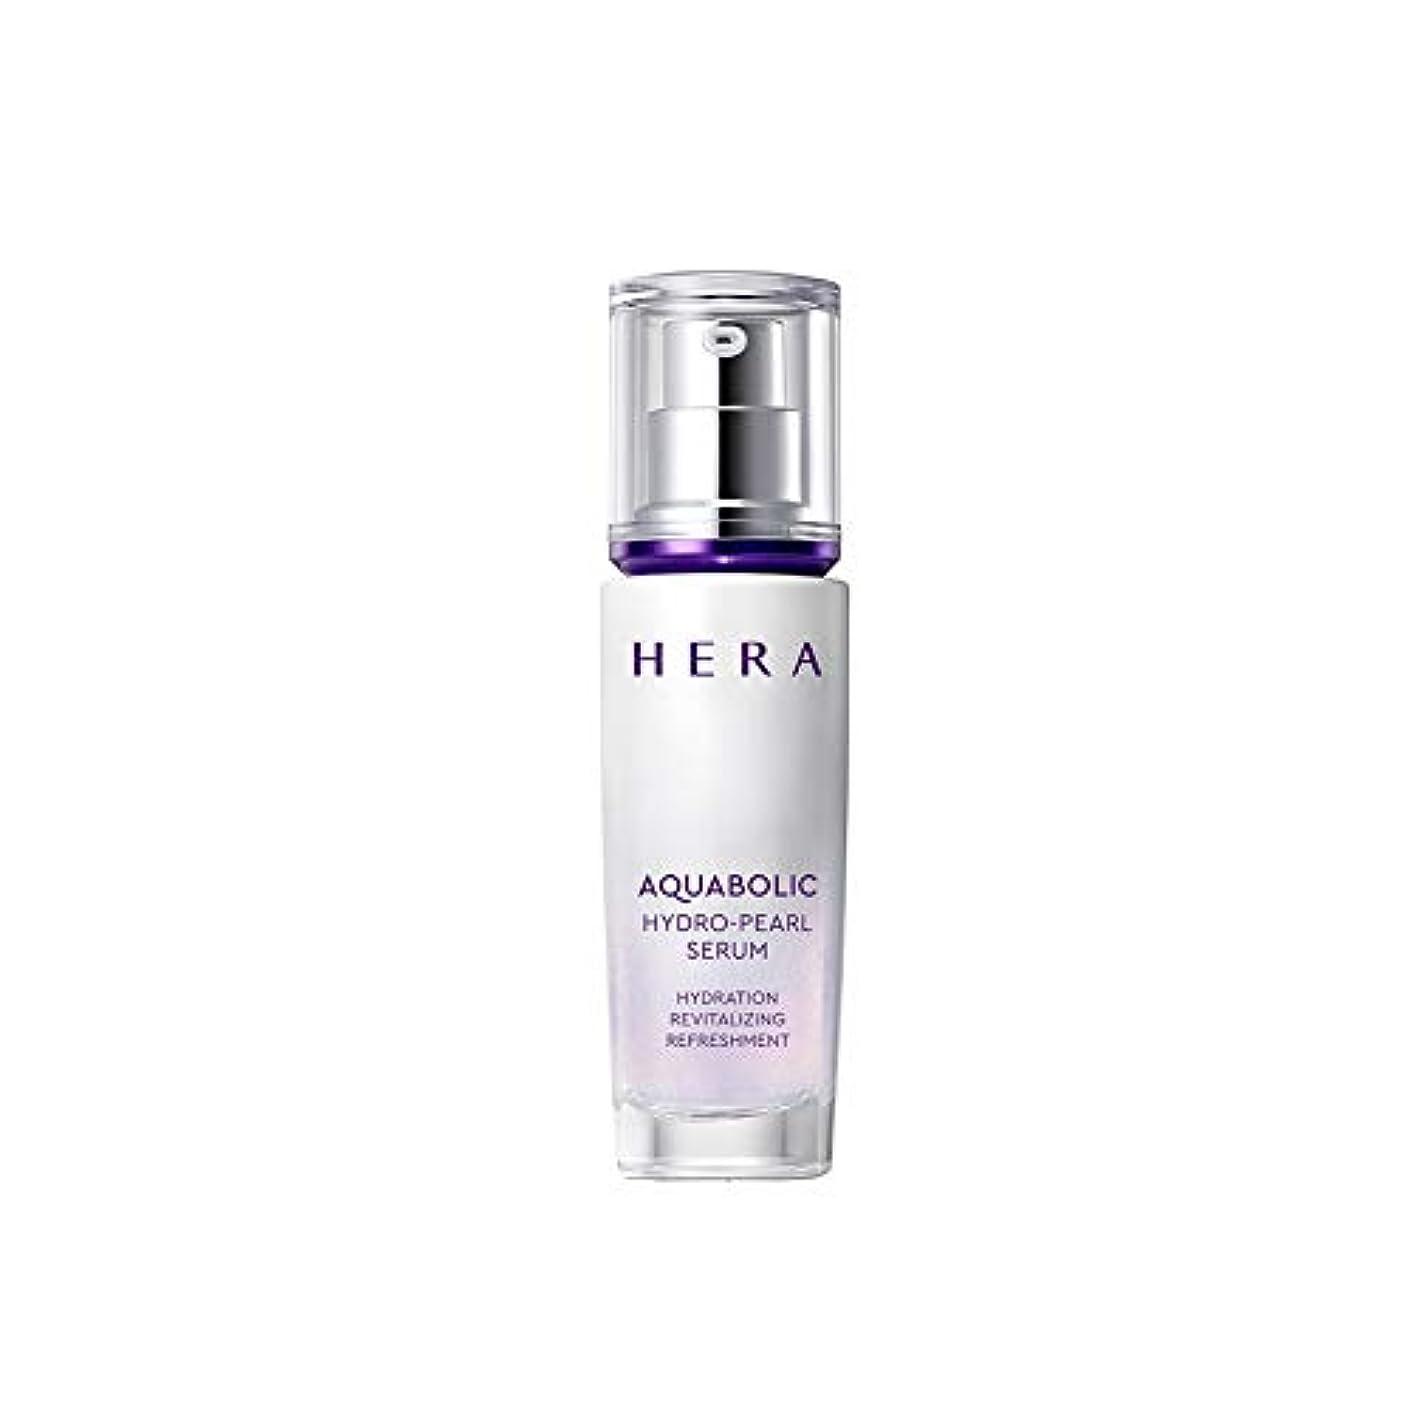 民間人印象方向【HERA公式】ヘラ アクアボリック ハイドロ-パール セラム 40mL/HERA Aquabolic Hydro-Pearl Serum 40ml